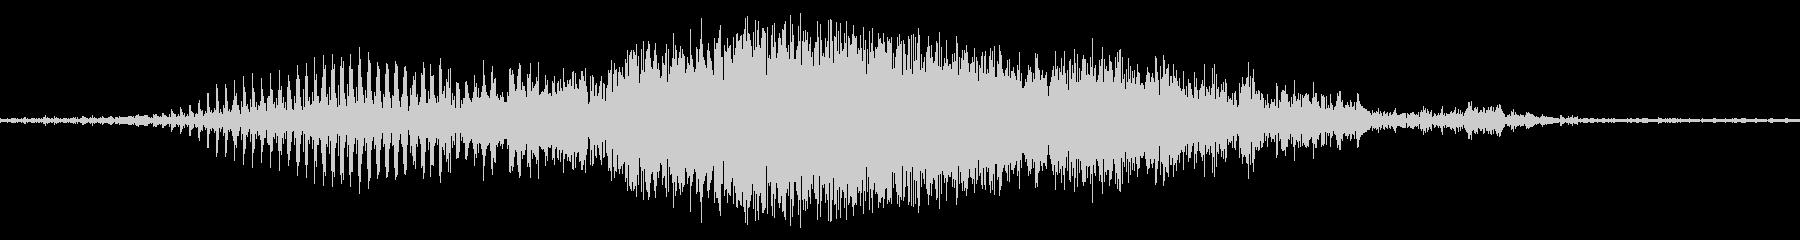 グロアザラシ、アシカ、セイウチの未再生の波形